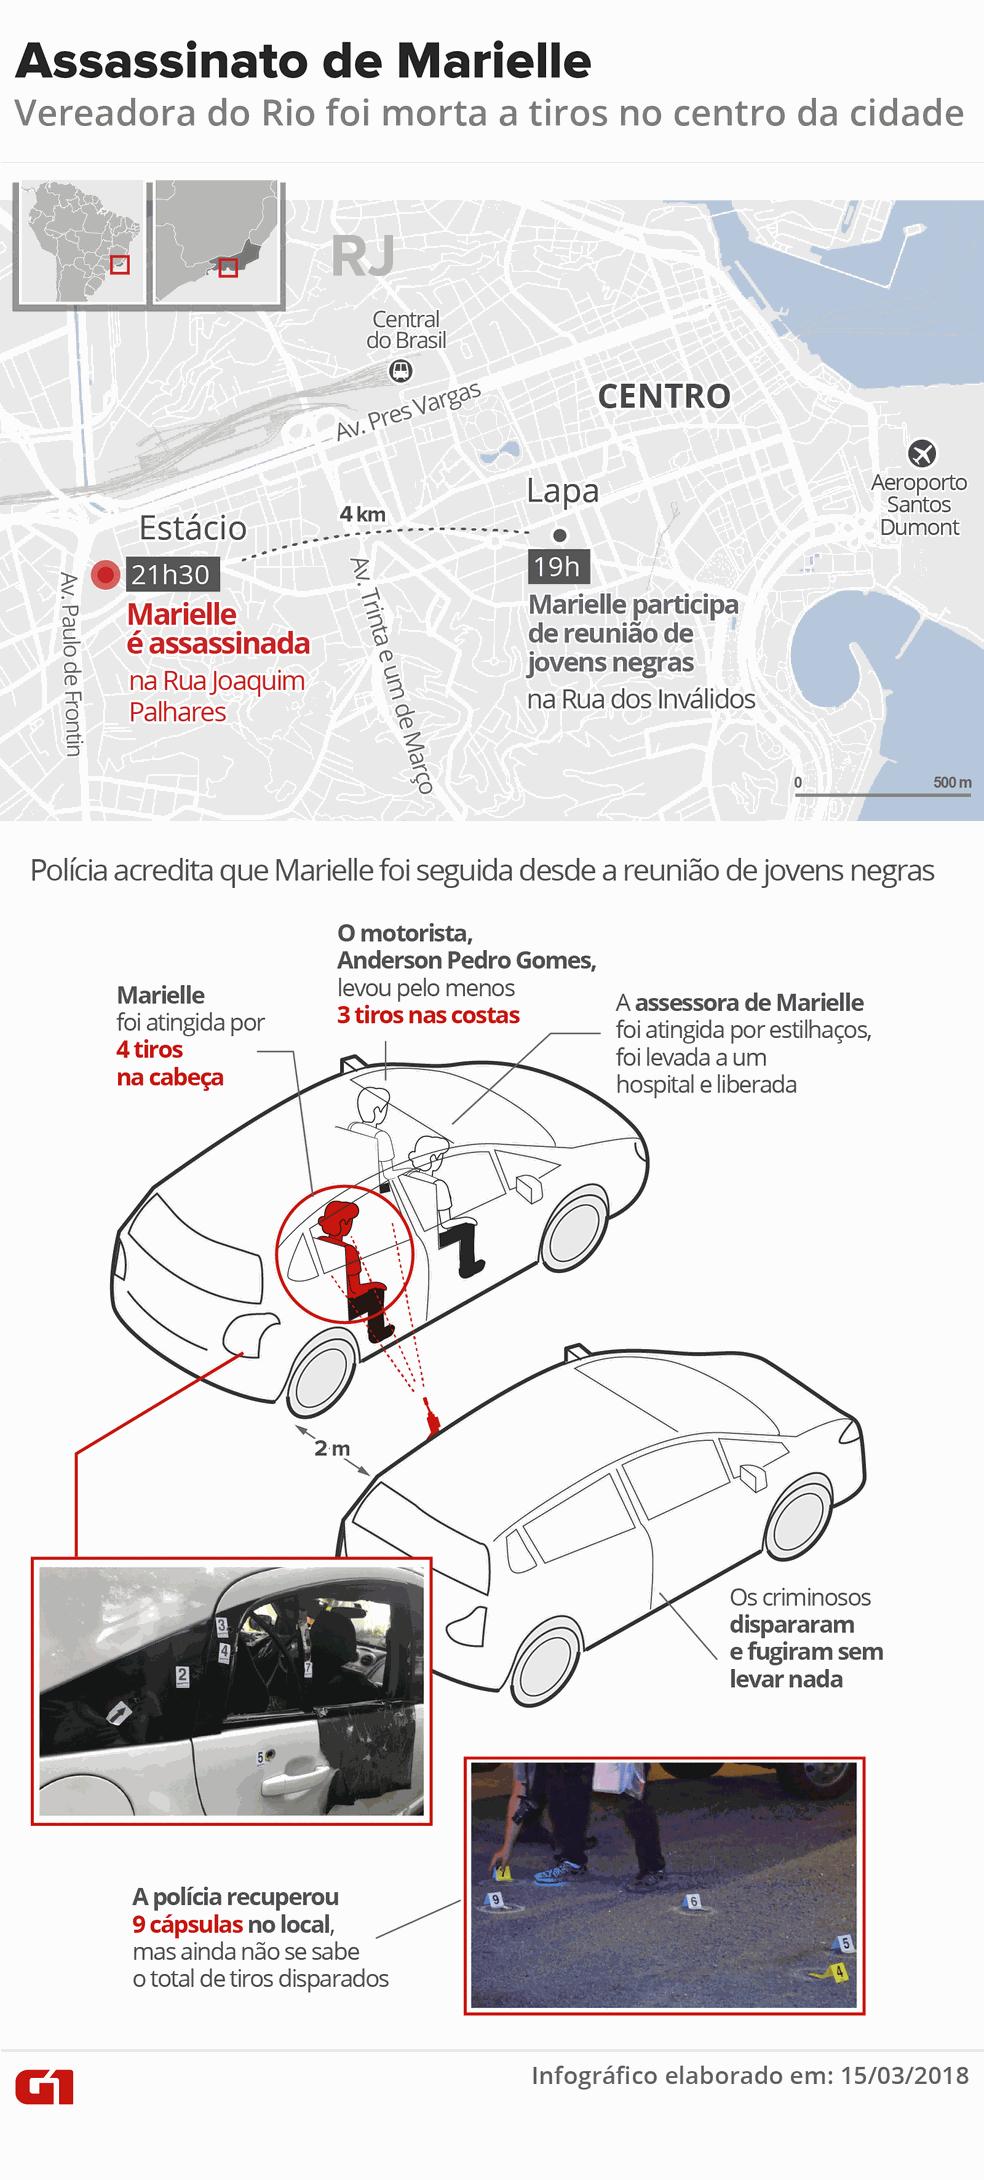 Infográfico mostra como foi o assassinado de Marielle Franco (Foto: Editoria de Arte/G1)